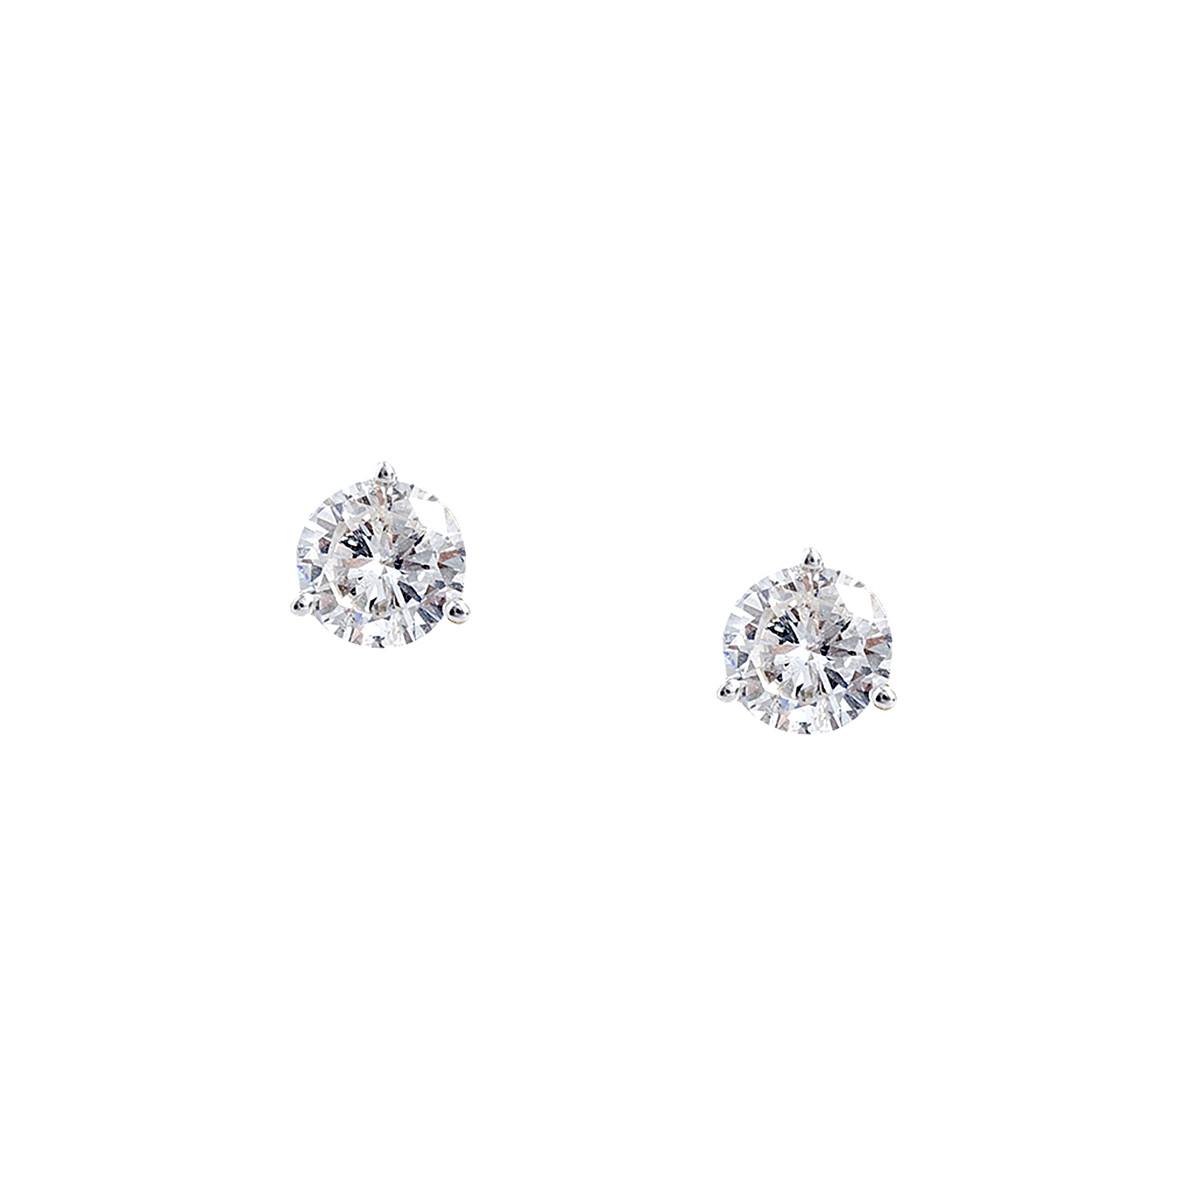 Vintage 1.24 CTW Diamond Stud Earrings